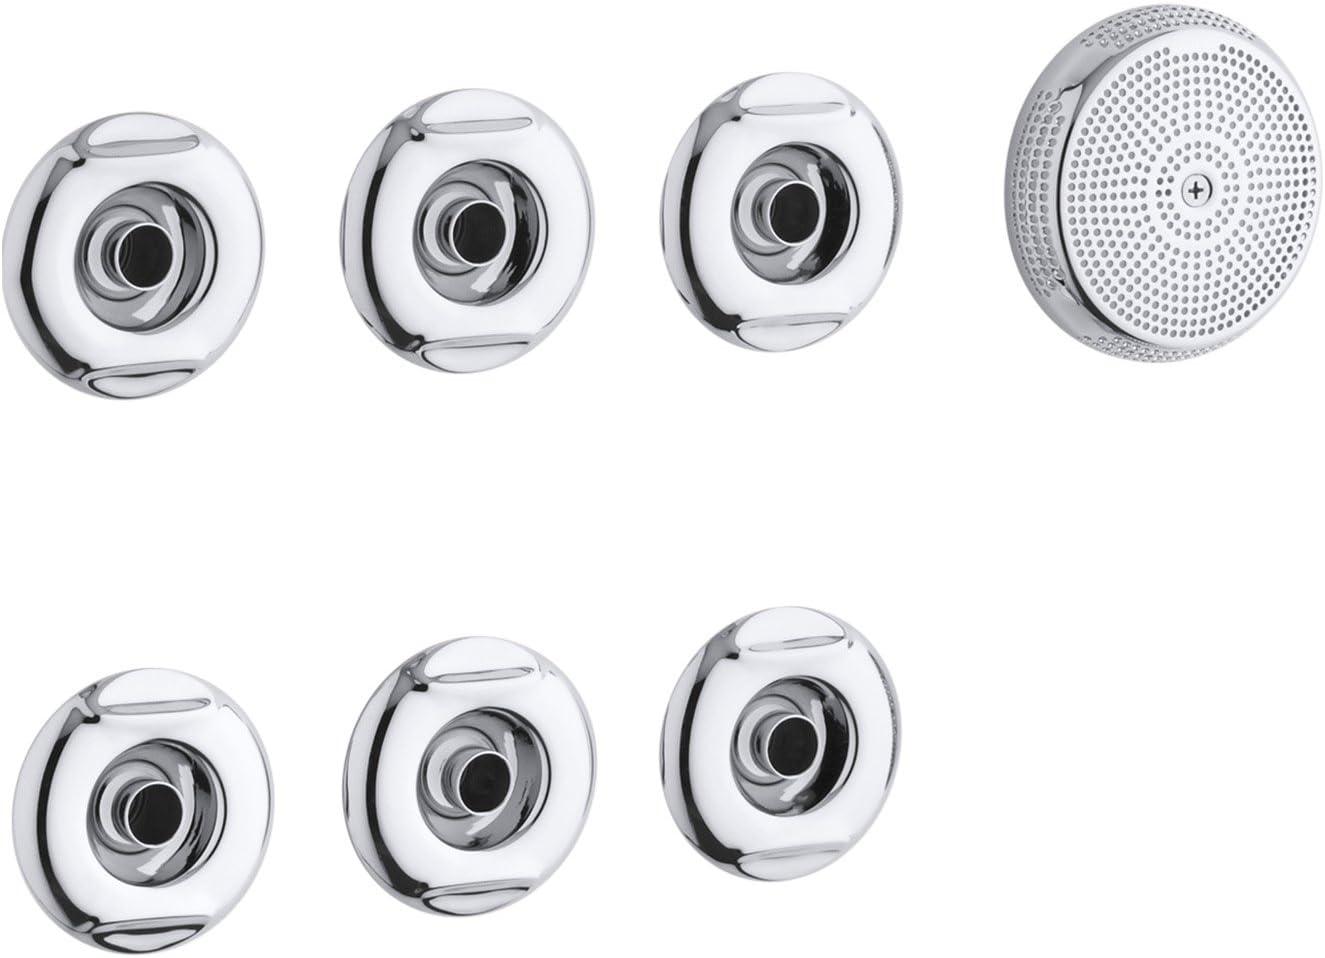 Kohler K 9696 Cp Flexjet Whirlpool Trim Kit Polished Chrome Faucet Trim Kits Amazon Com